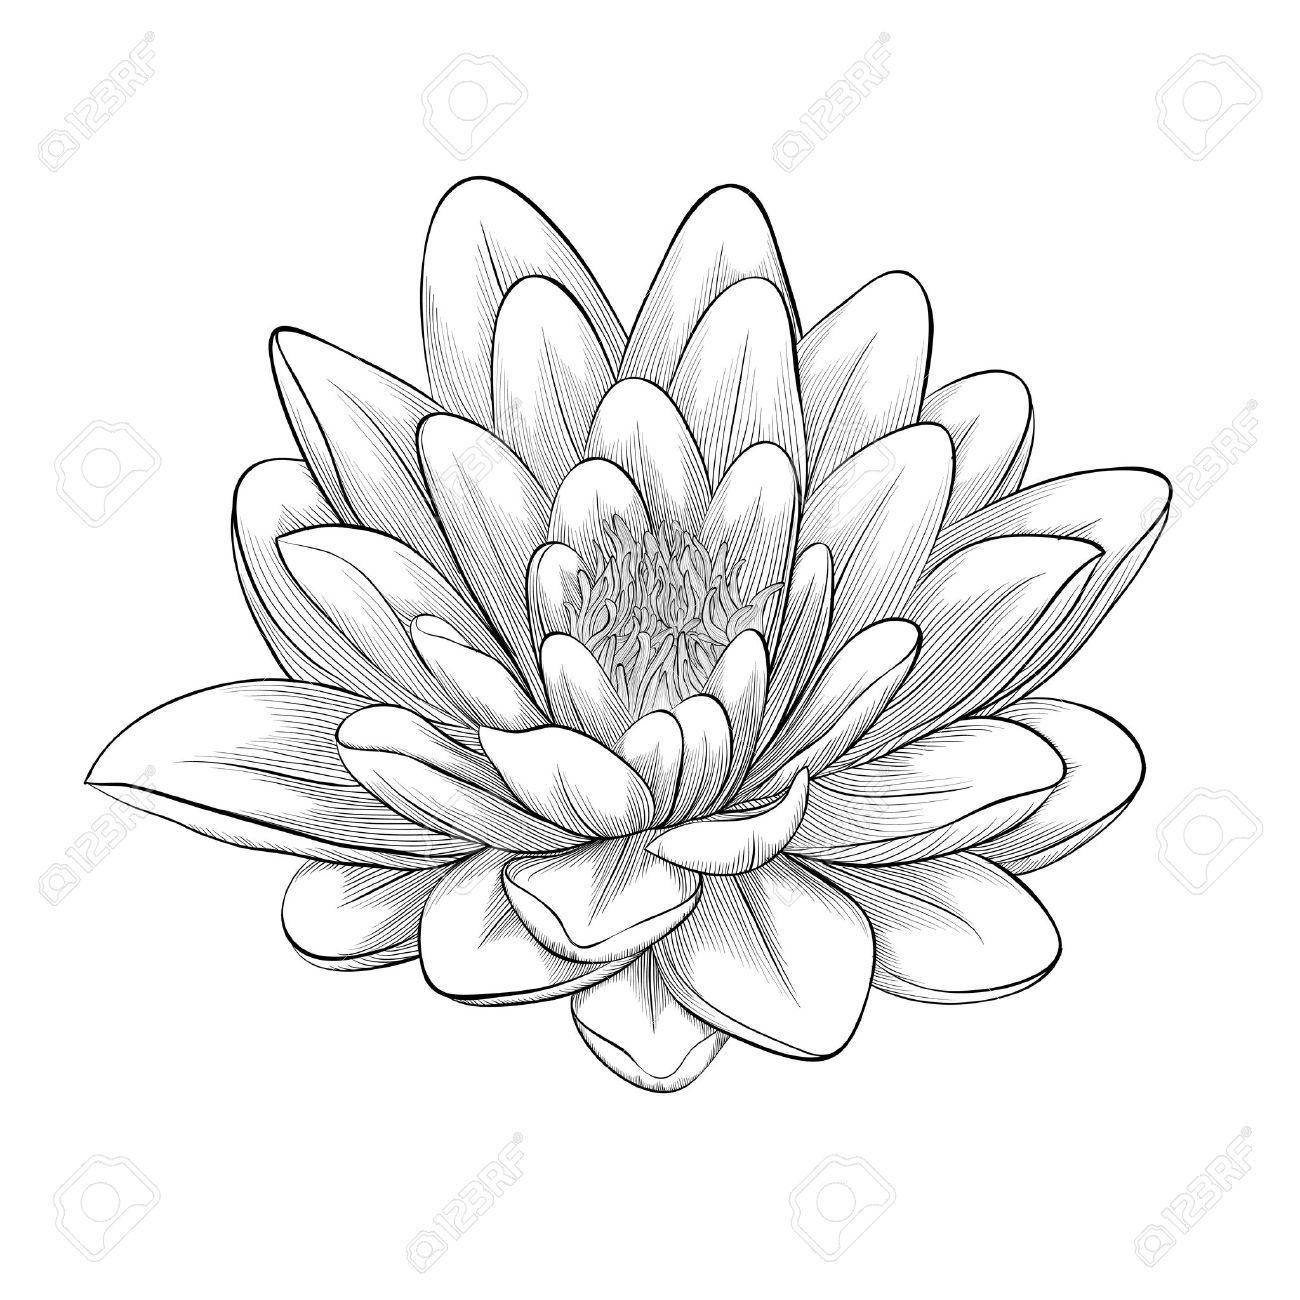 Schöne Schwarz Weiß Schwarz Und Weiß Lotusblüte In Grafik Stil Isoliert Auf